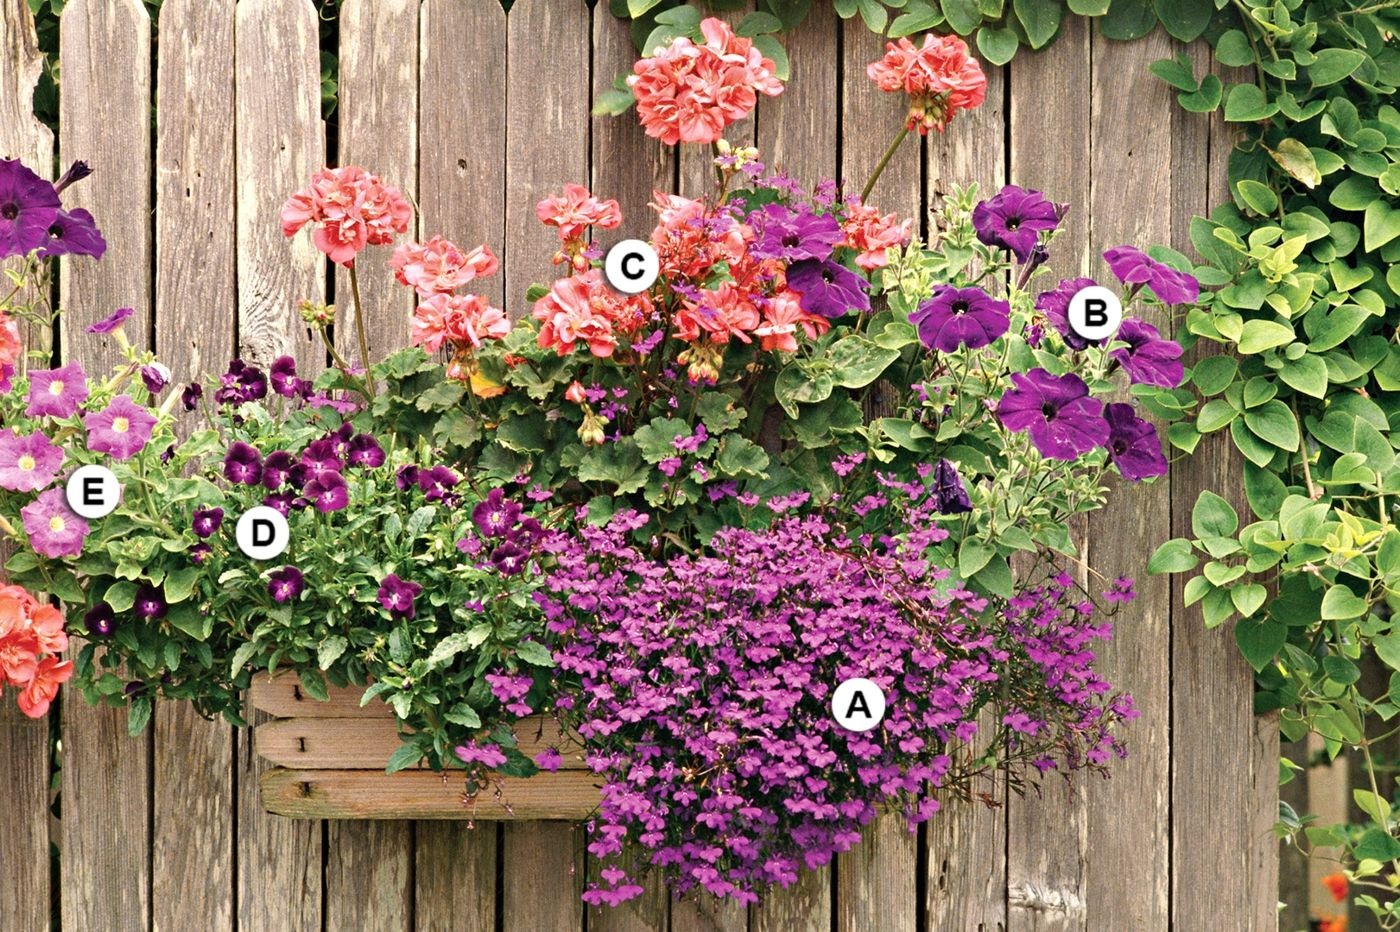 Balkonpflanzen Fur Bienen Zu Einem Schonen Arrangement